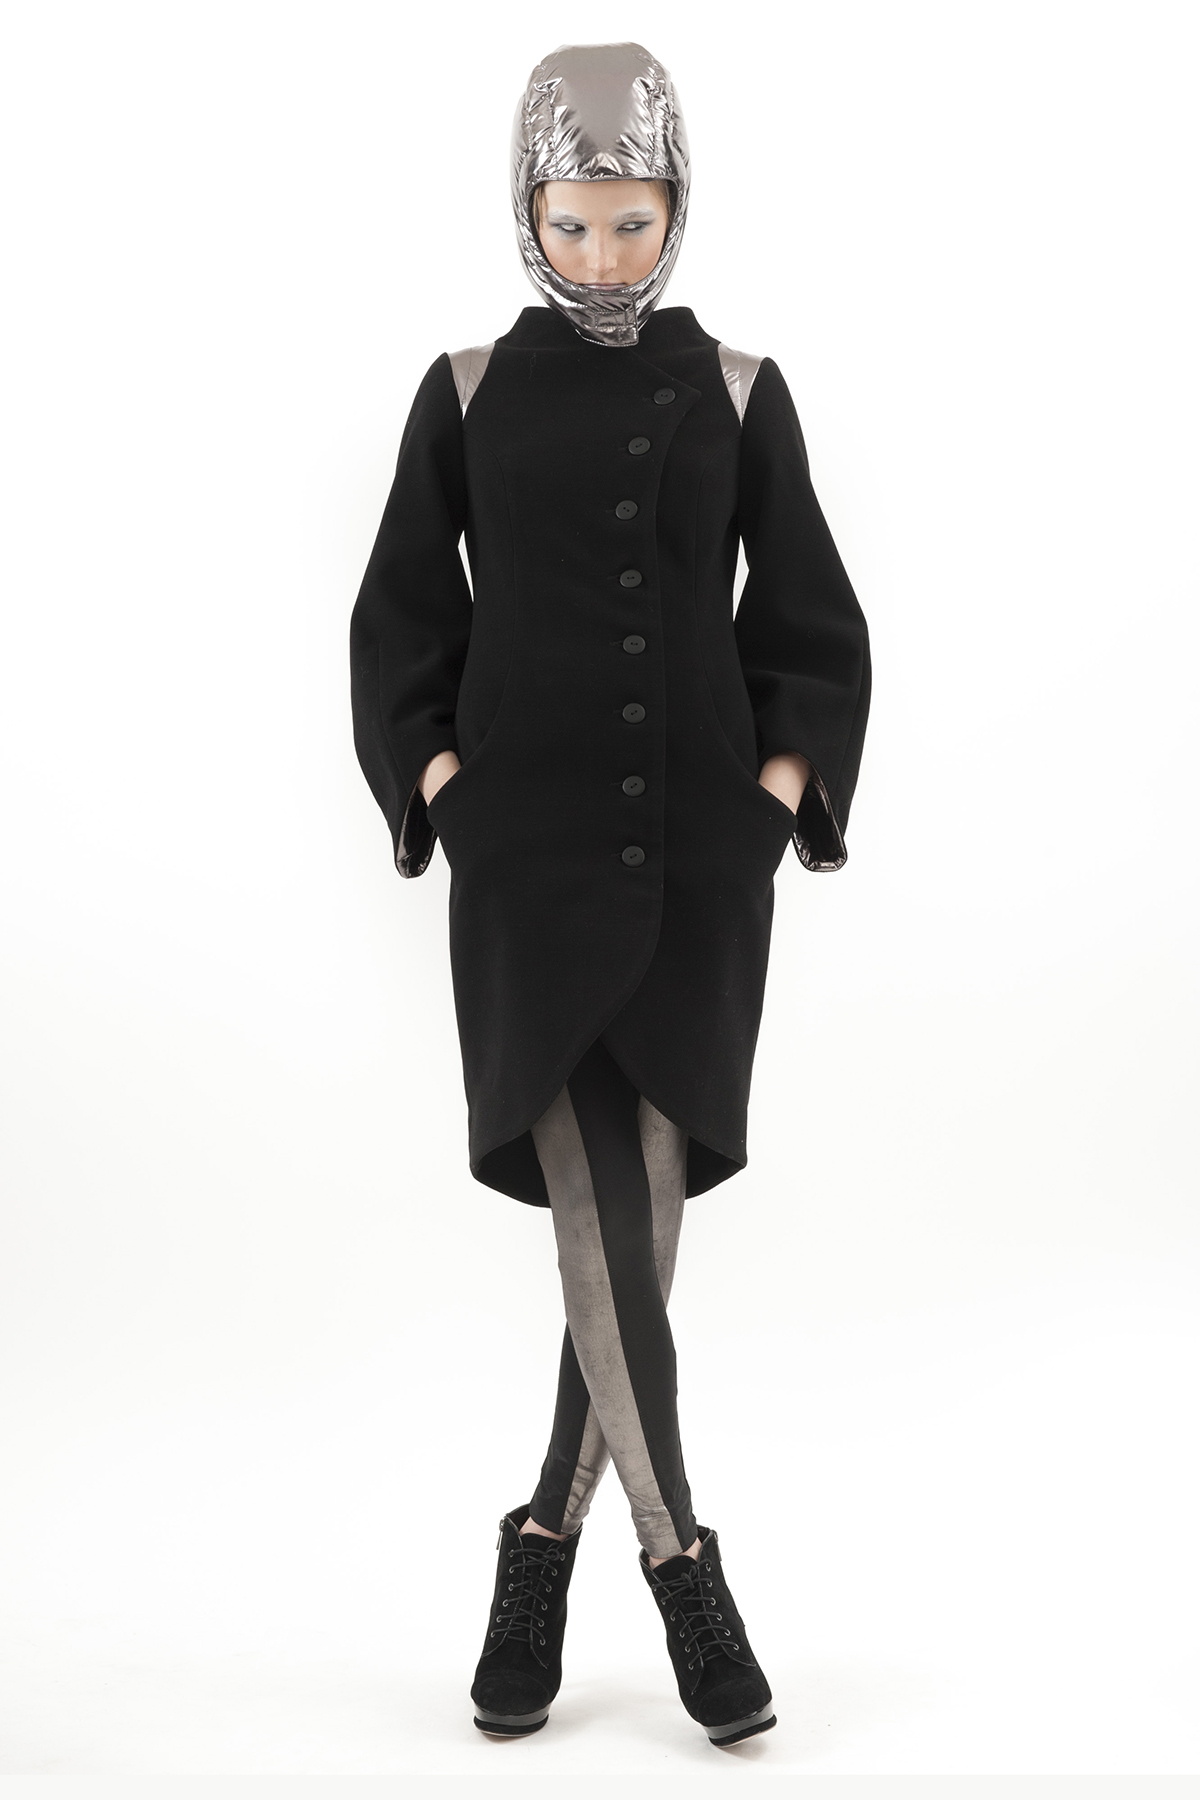 ПальтоЖенские куртки, плащи, пальто<br>Стильное пальто с застежкой на пуговицы по всей длине. Оригинальный крой и декоративные элементы. Приталенный силуэт отлично подчеркивает фигуру.<br><br>Цвет: черный,серый<br>Состав: 65% полиэстер, 18% вискоза, 15% шерсть, 2% эластан<br>Размер: 42,50,52<br>Страна дизайна: Россия<br>Страна производства: Россия